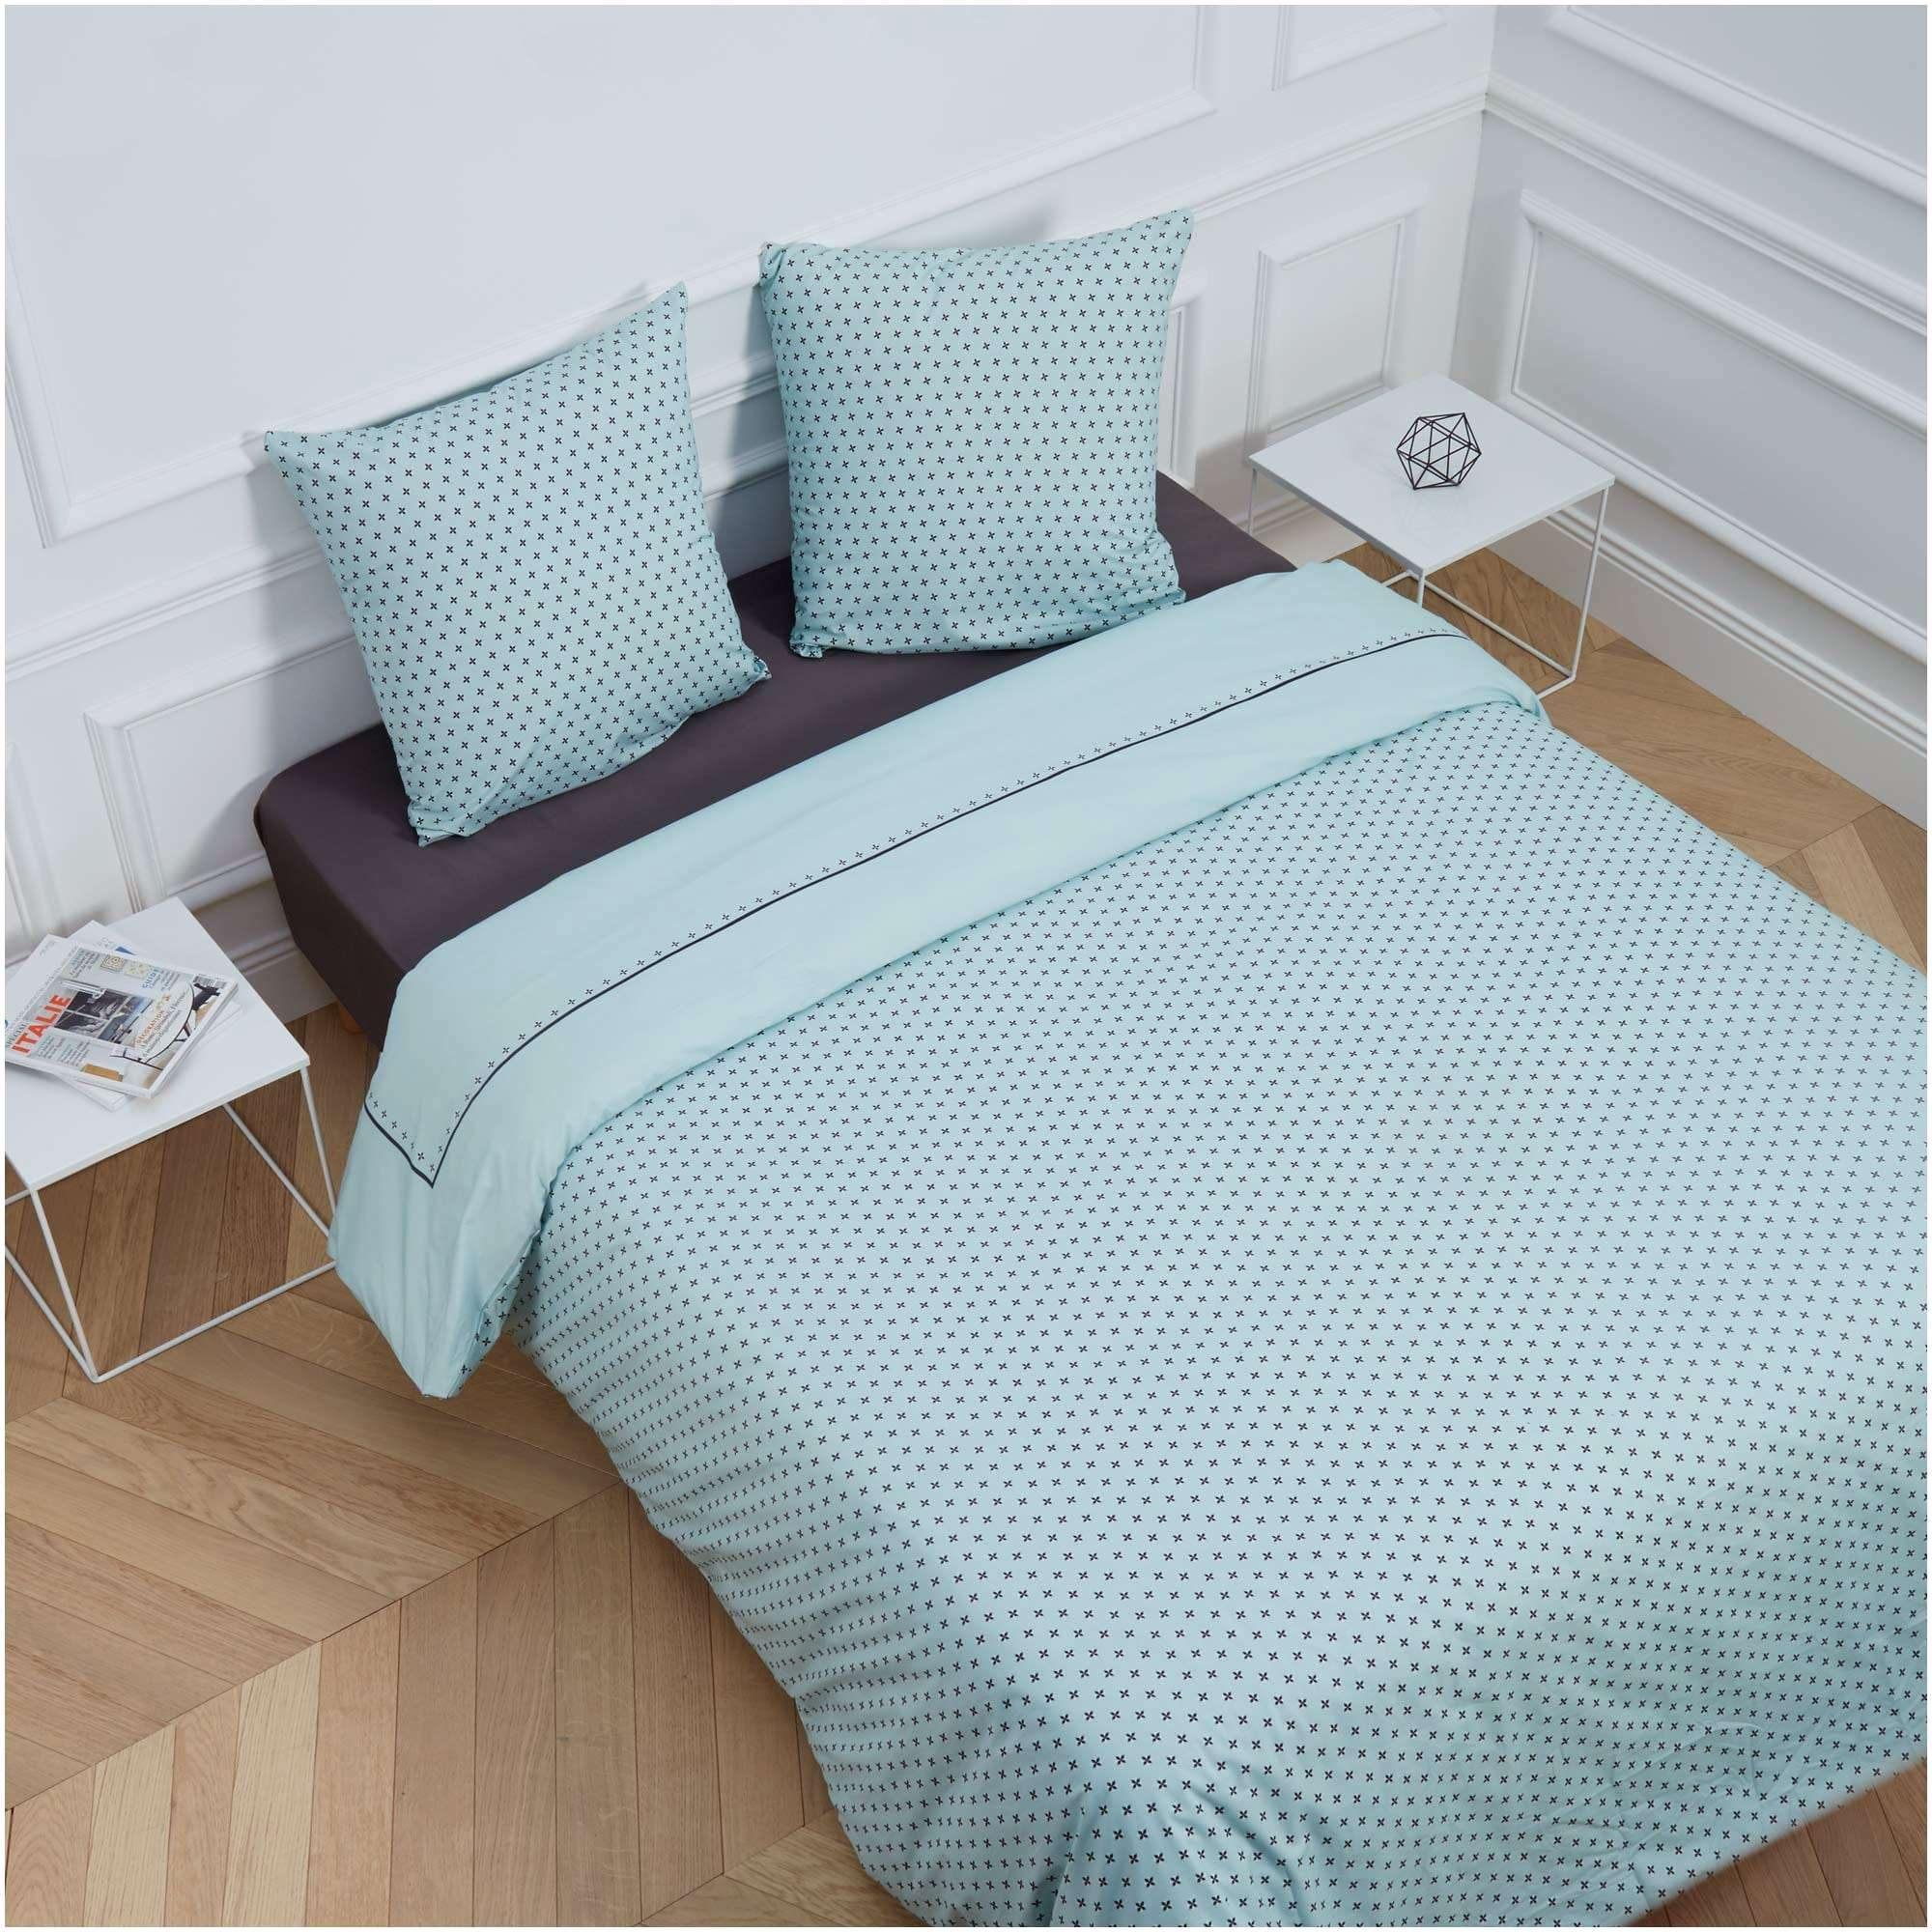 Parure Lit attrape Reve Magnifique Beau Parure De Lit 160×200 Maison Design Apsip Pour Option Parure